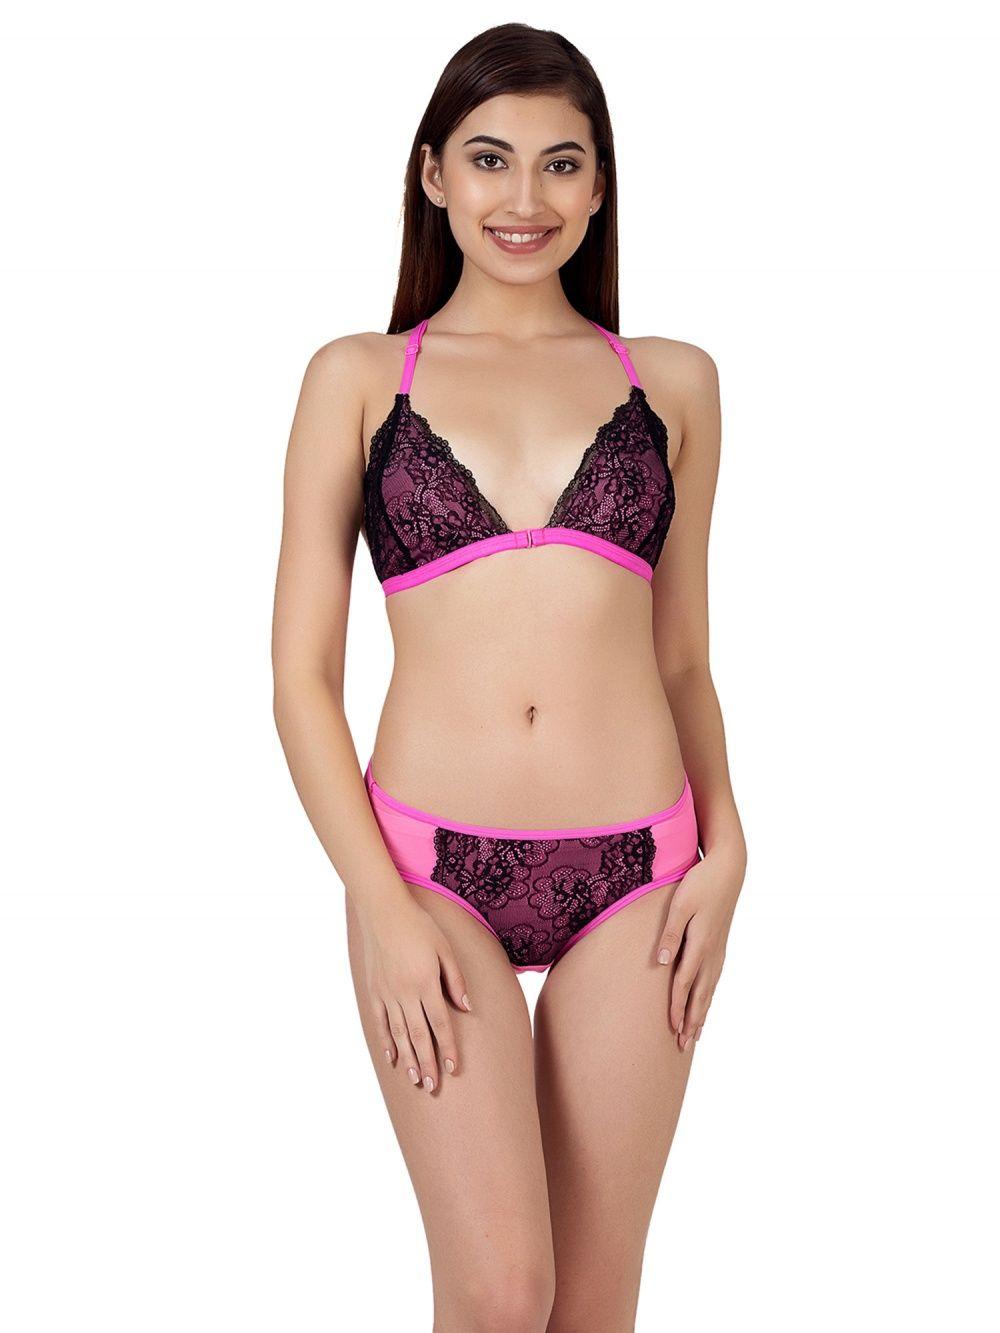 da6c67733 Clovia Bra-Underwear Sets   Buy Clovia Lace Non-Padded Non-Wired ...